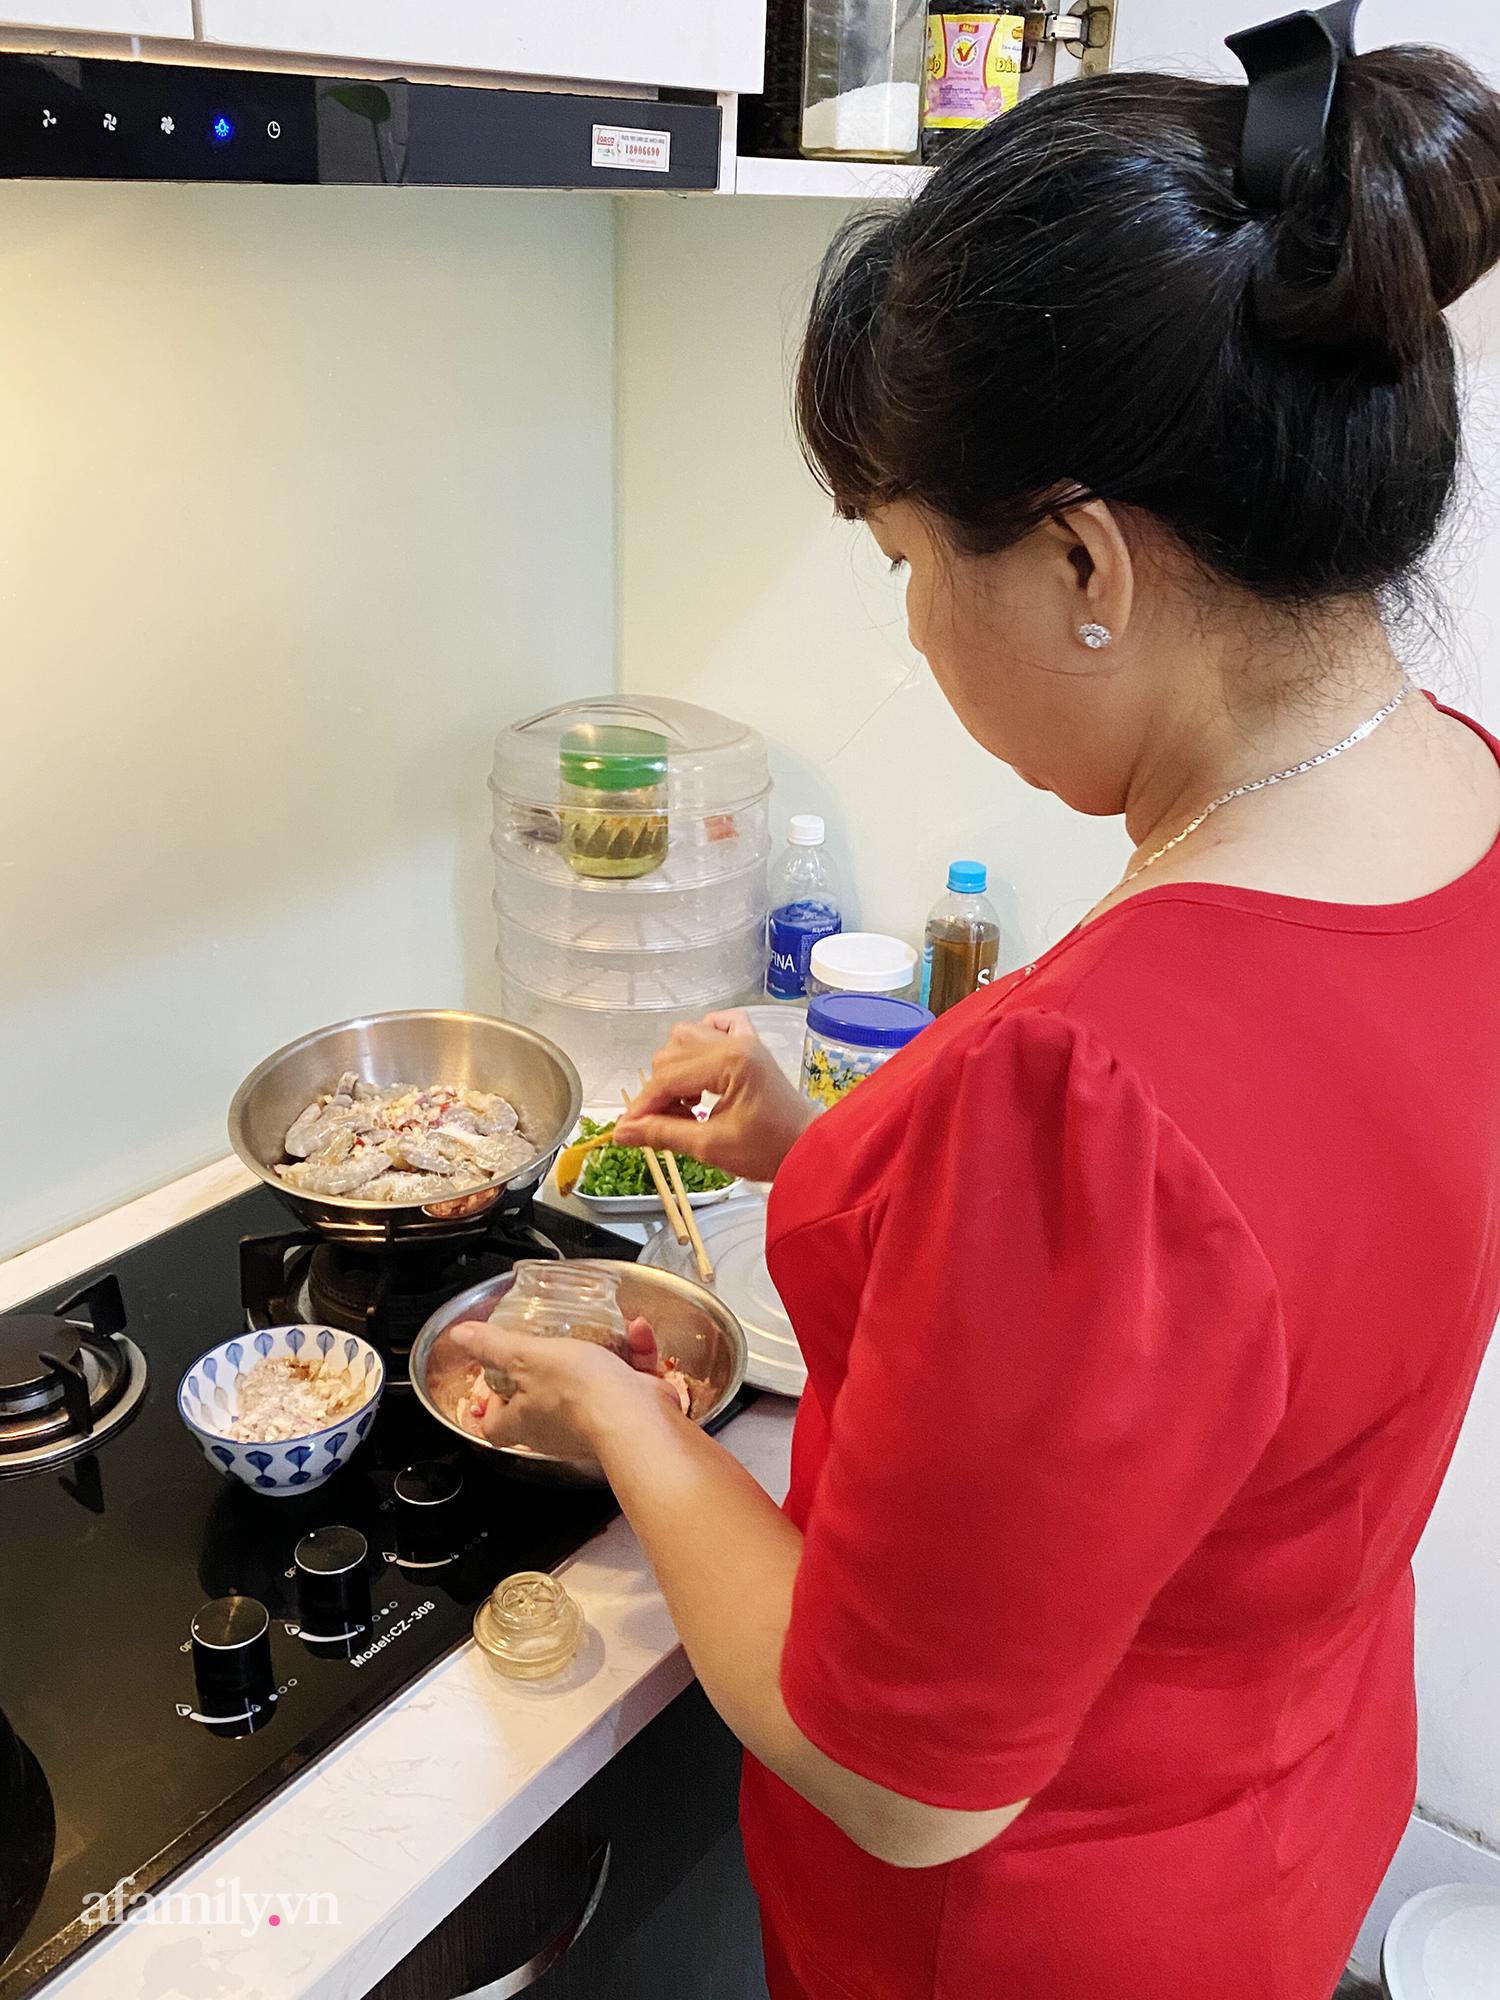 """Ở nhà giãn cách, bà mẹ đau đầu với """"hạm đội"""" 7 người diệt sạch hơn 2kg thịt cho 2 bữa ăn, tiền chợ trước dịch từ 300k thành 700k/ngày - Ảnh 4."""